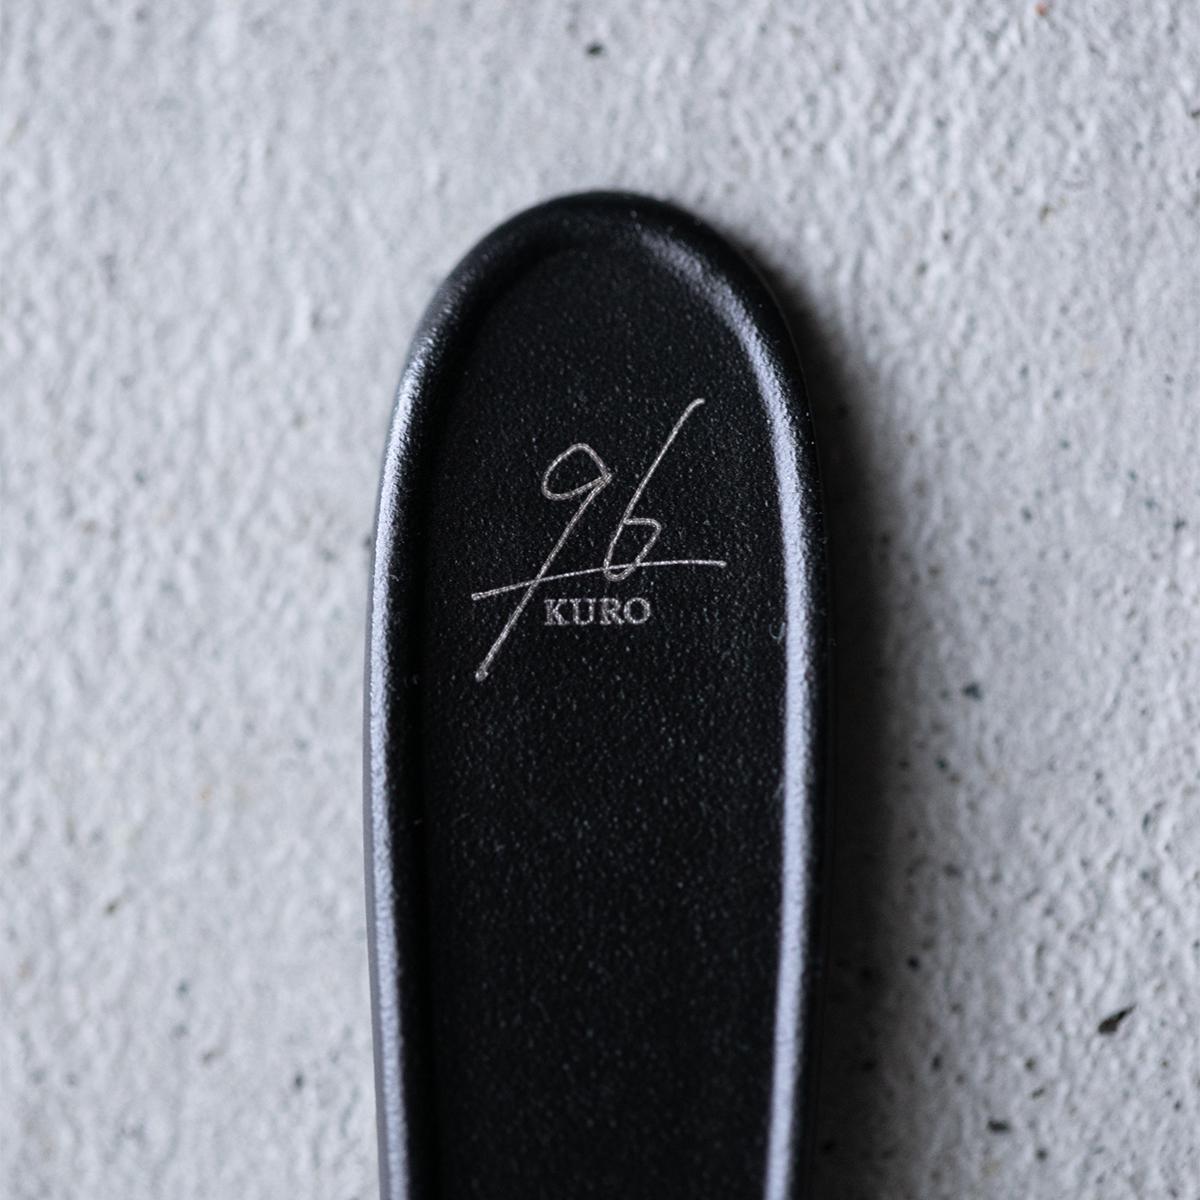 時代が変化しても淘汰されない価値と、新しい発想を掛け合わせた『96』のテーブルウェア。毎日気軽に使える落としても割れない、黒染めステンレスの食器(フォーク・スプーン)|KURO(96)クロ